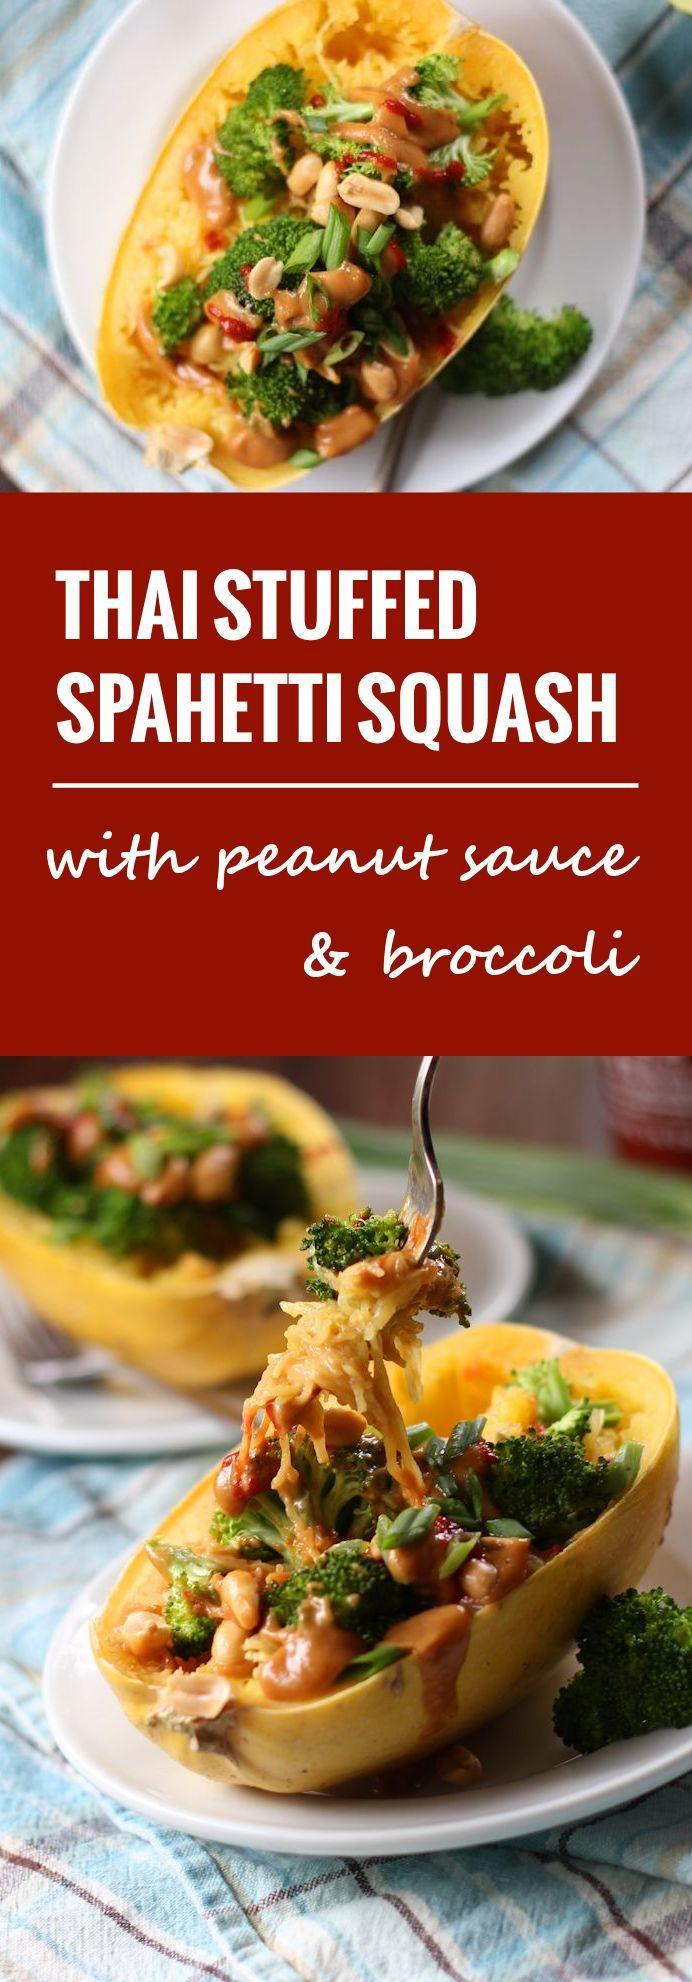 Thai Stuffed Spaghetti Squash - Connoisseurus Veg